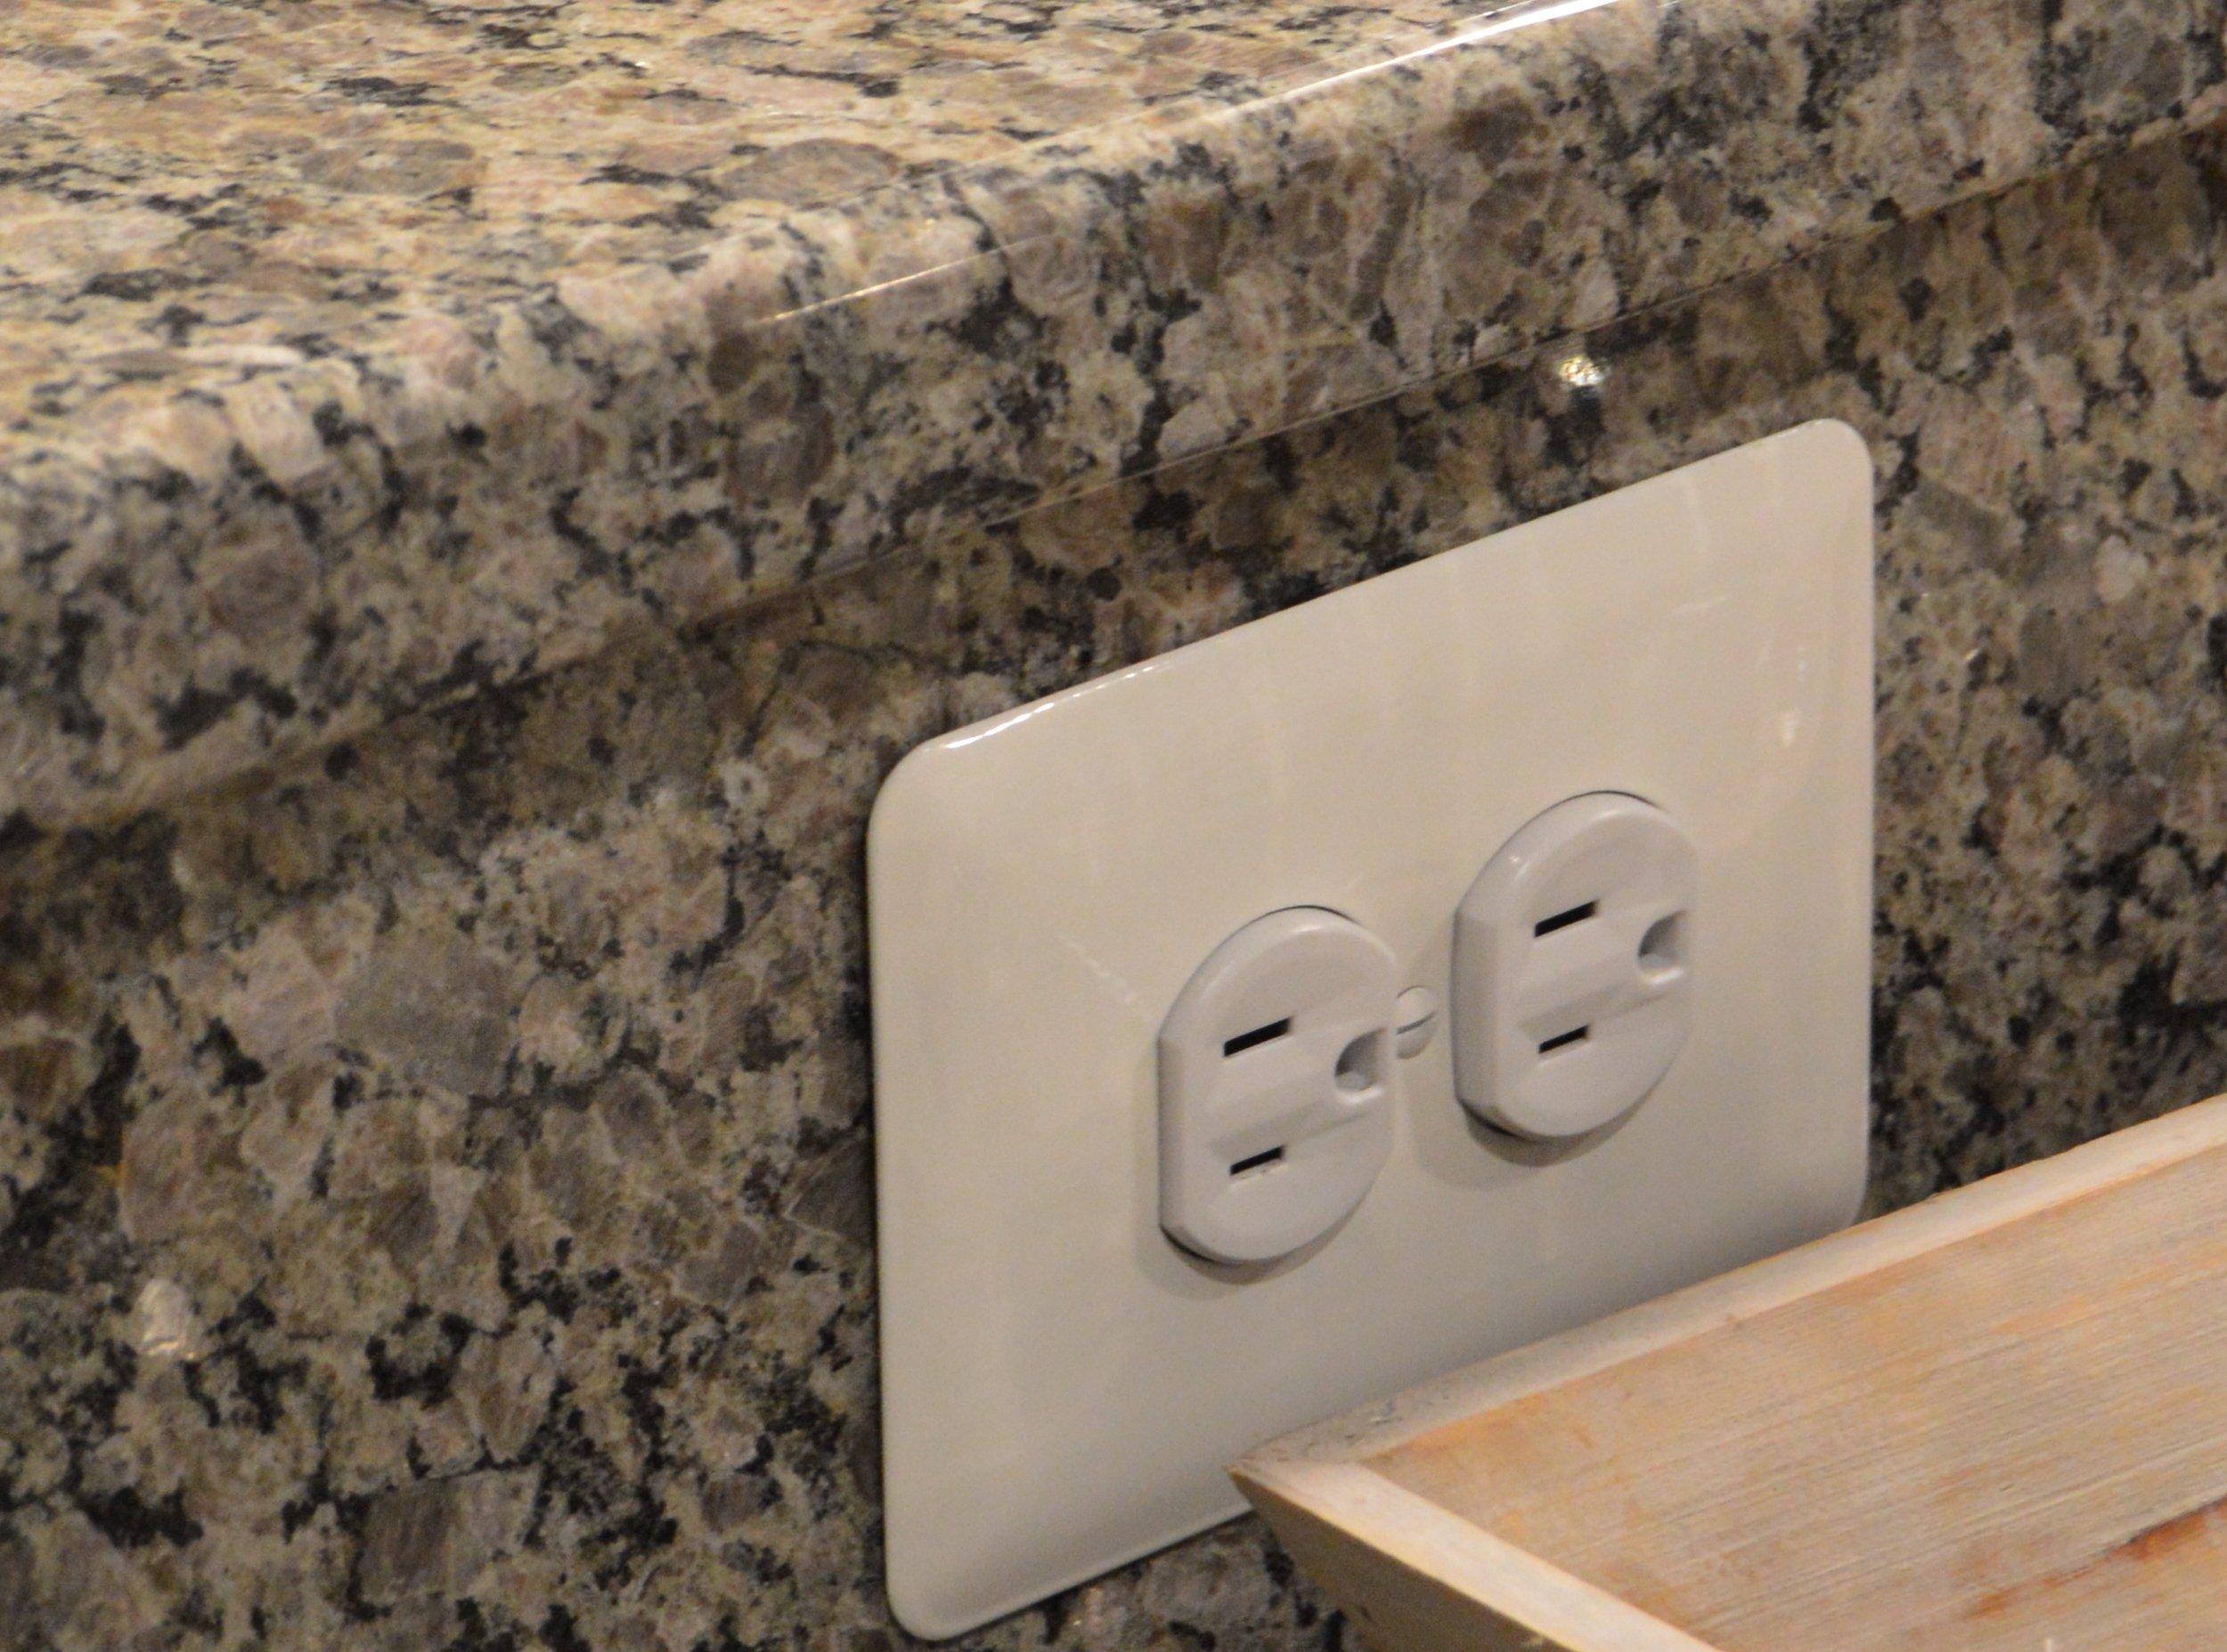 Fix outlet Crofton Electricians